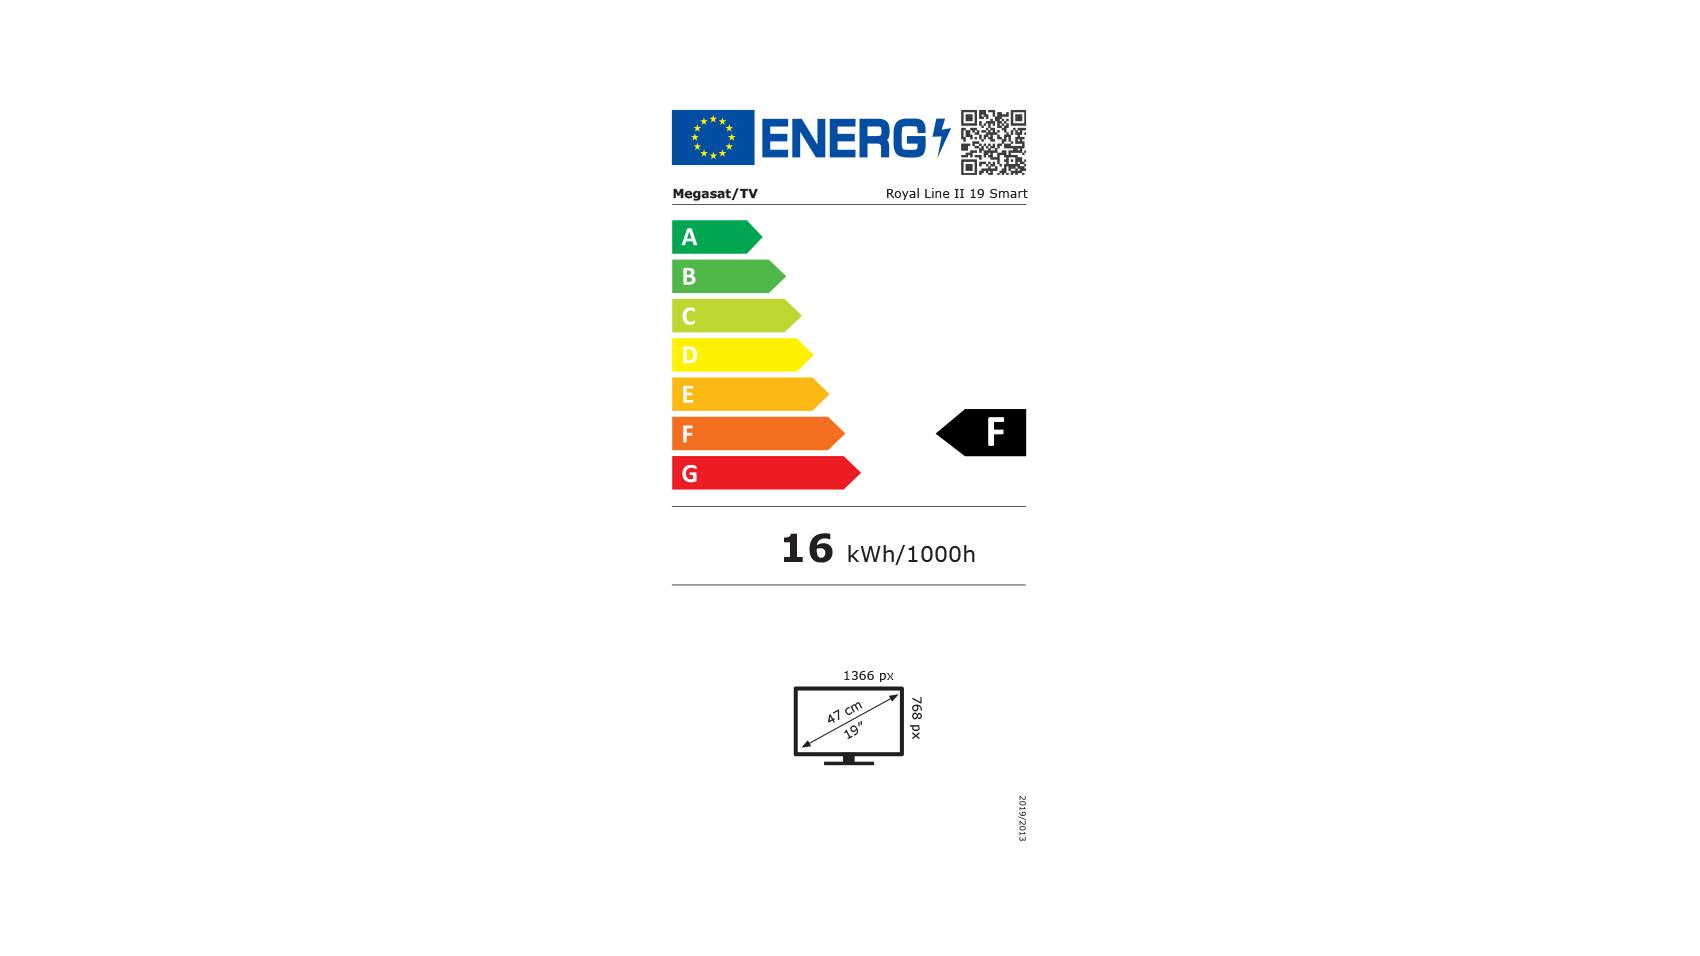 megasat_royal_line_2_19_smart_energielabel_2021